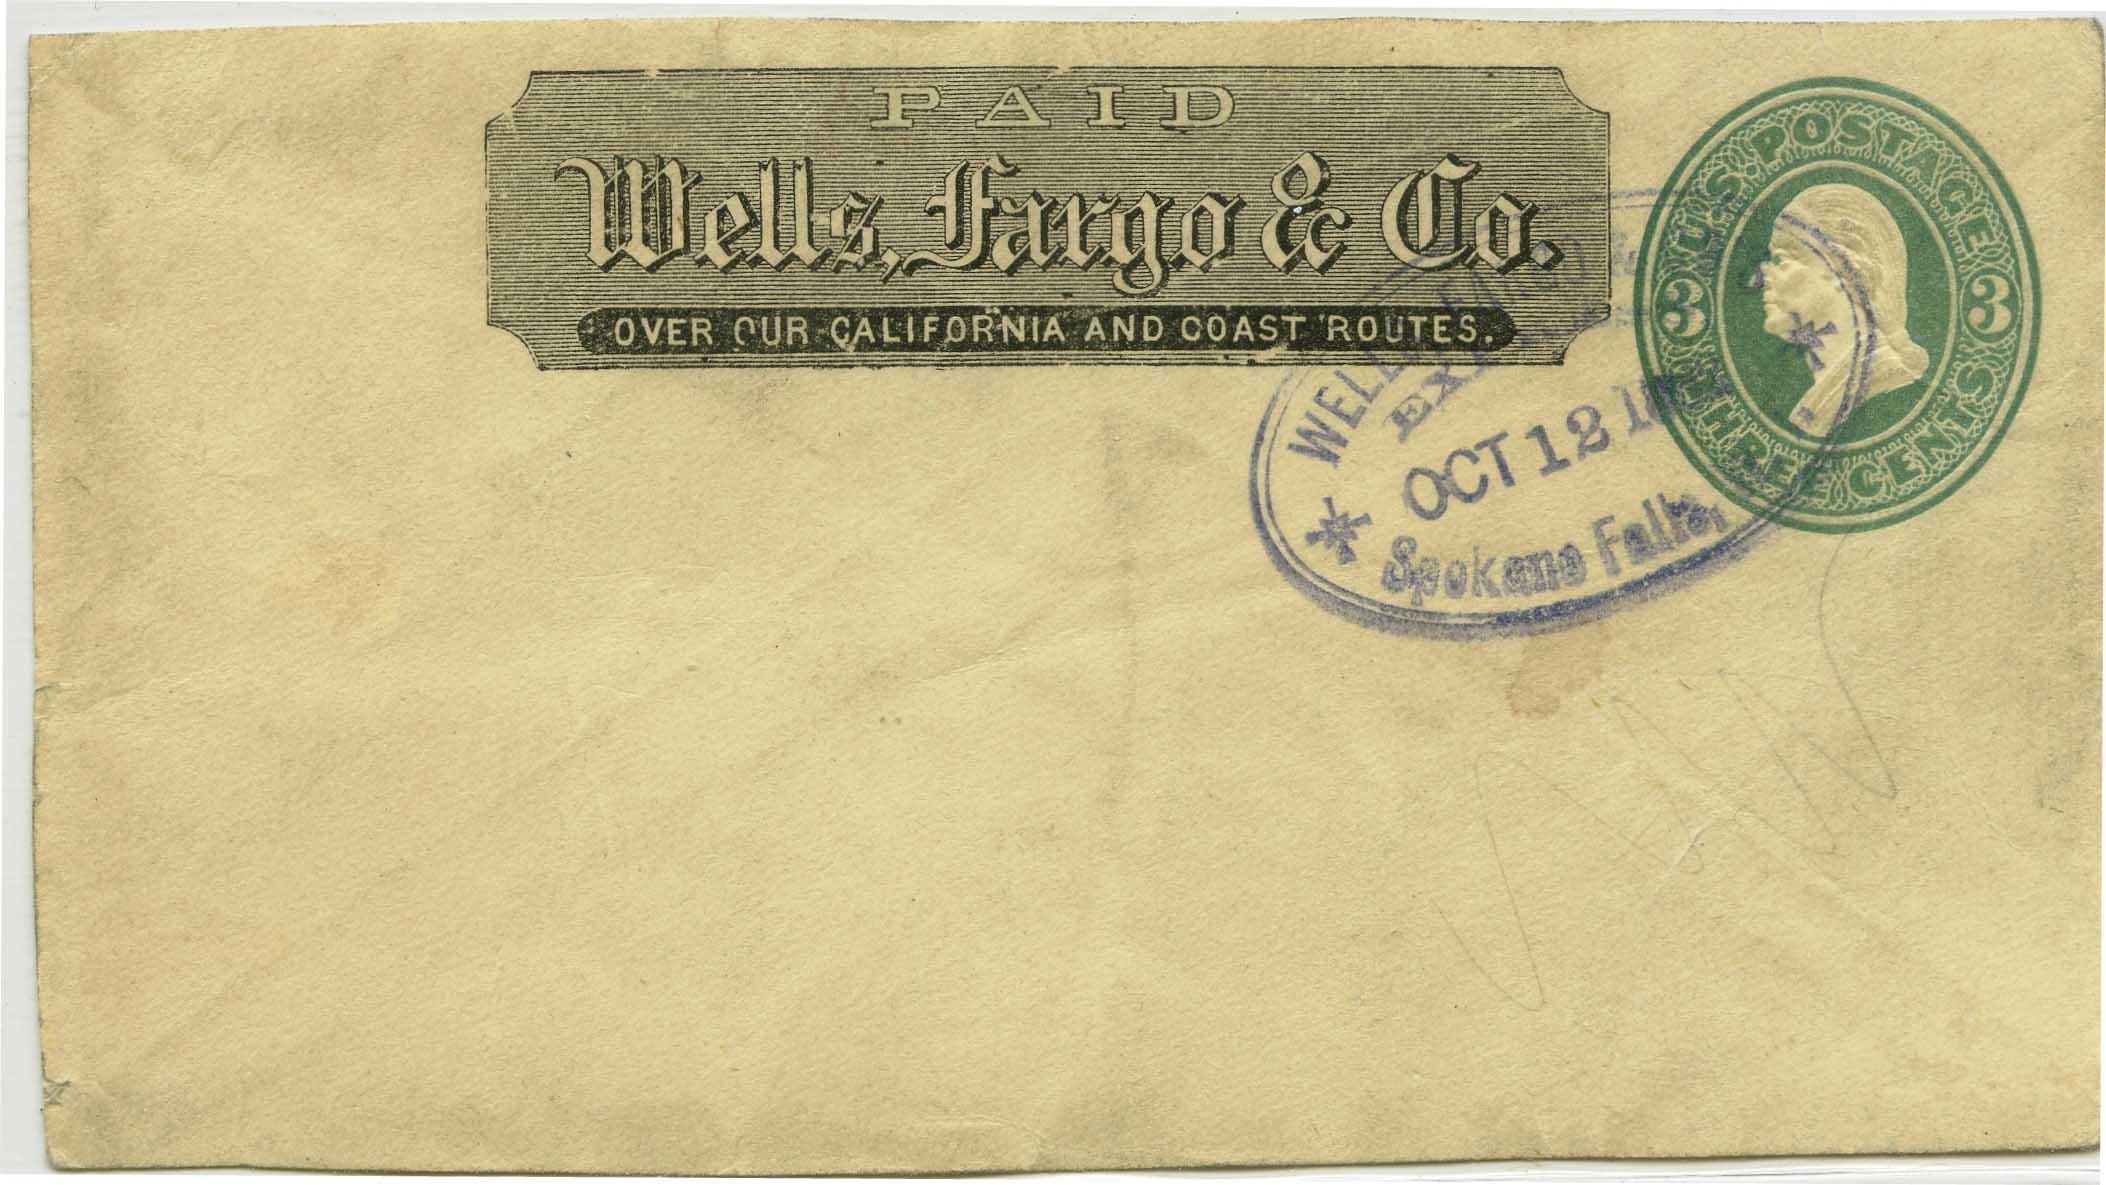 WC11803 SPOKANE FALLS, WA 16 27,bl U163